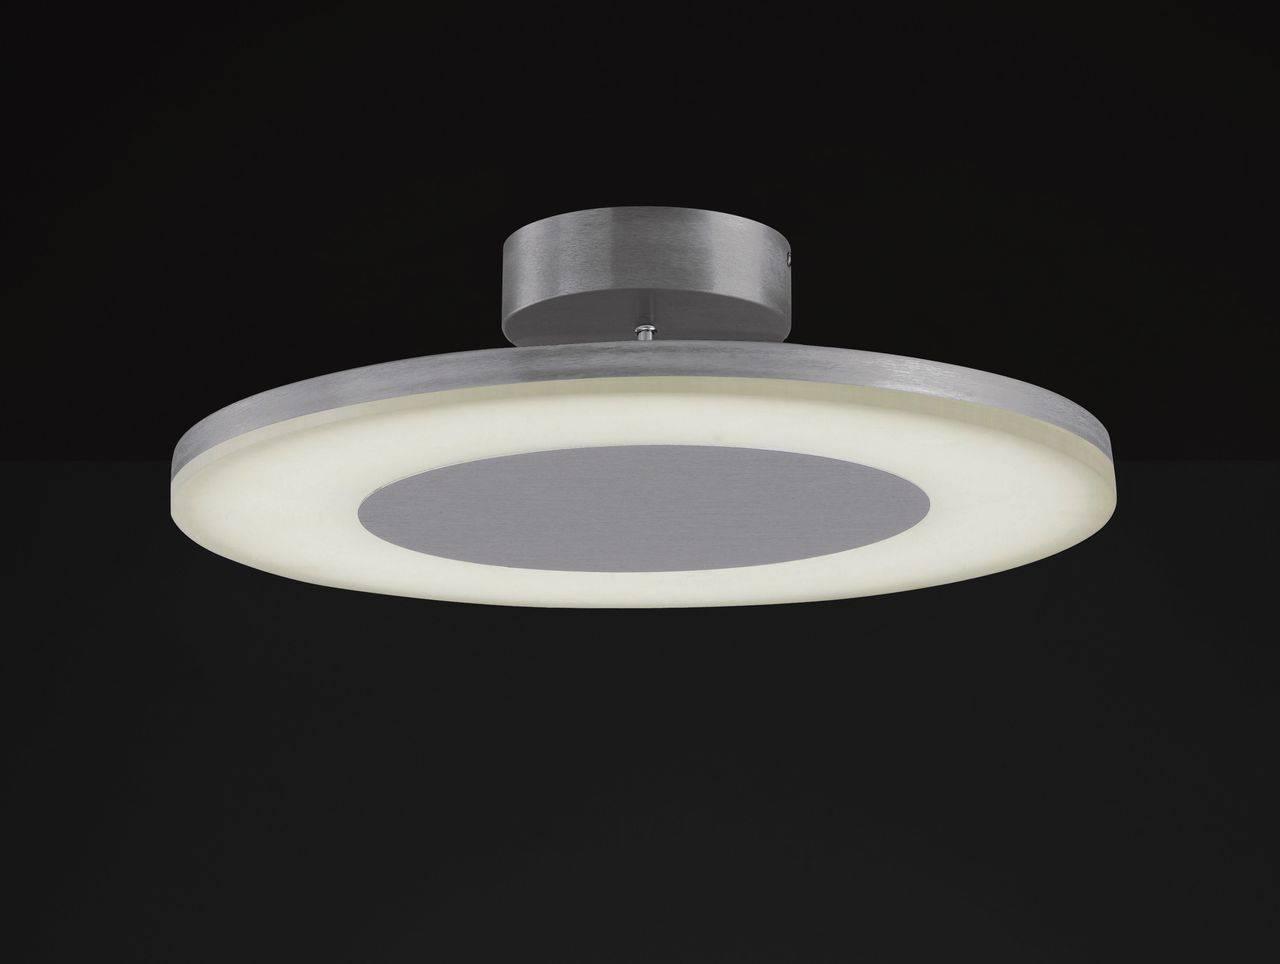 Потолочный светильник Mantra Discobolo 4087 mantra светильник discobolo 4087